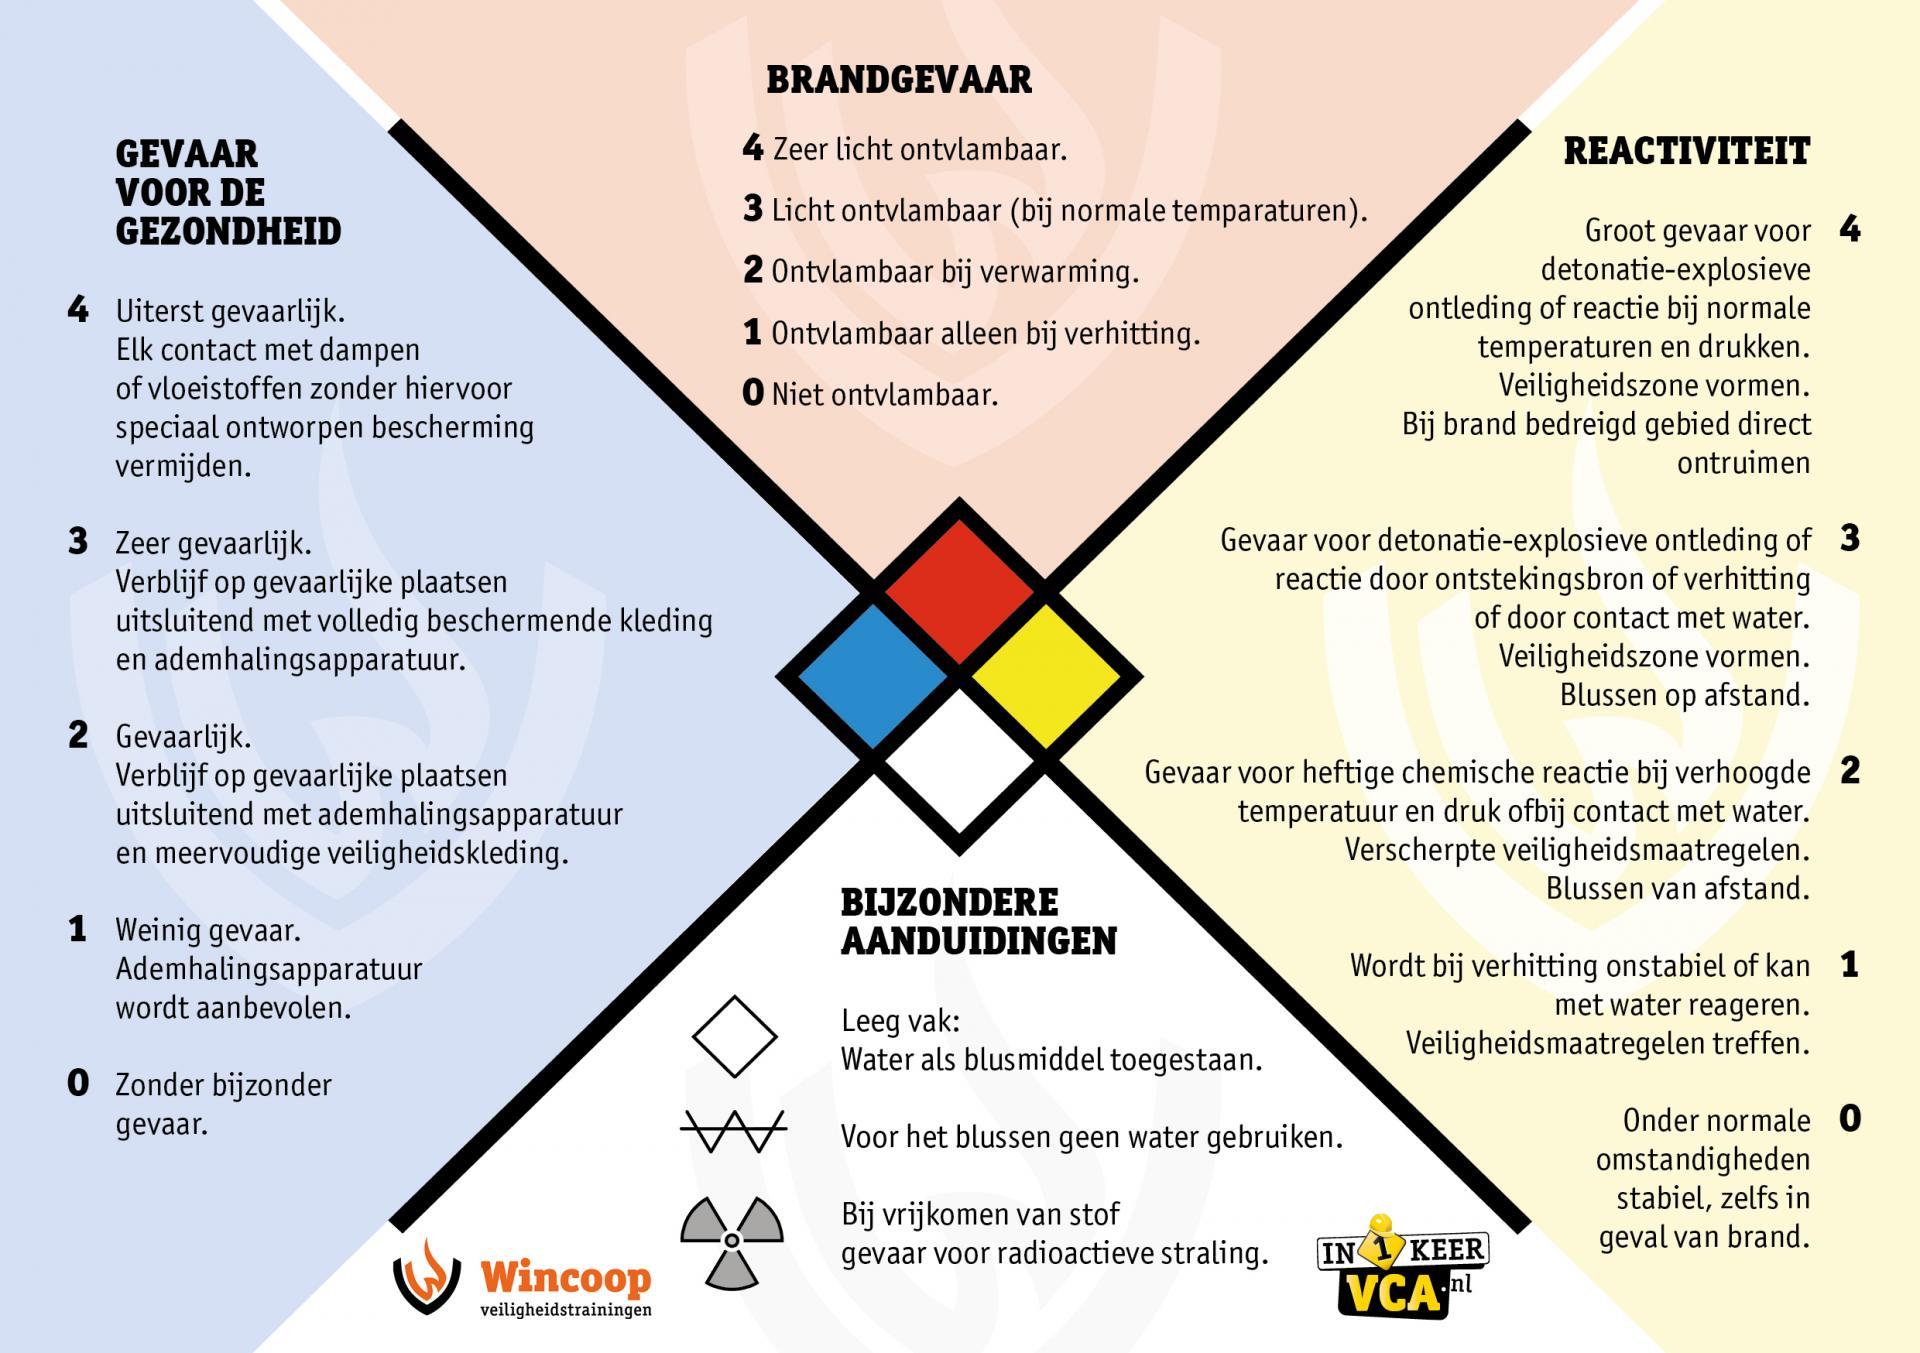 gevarendiamant - in1keerVCA.nl